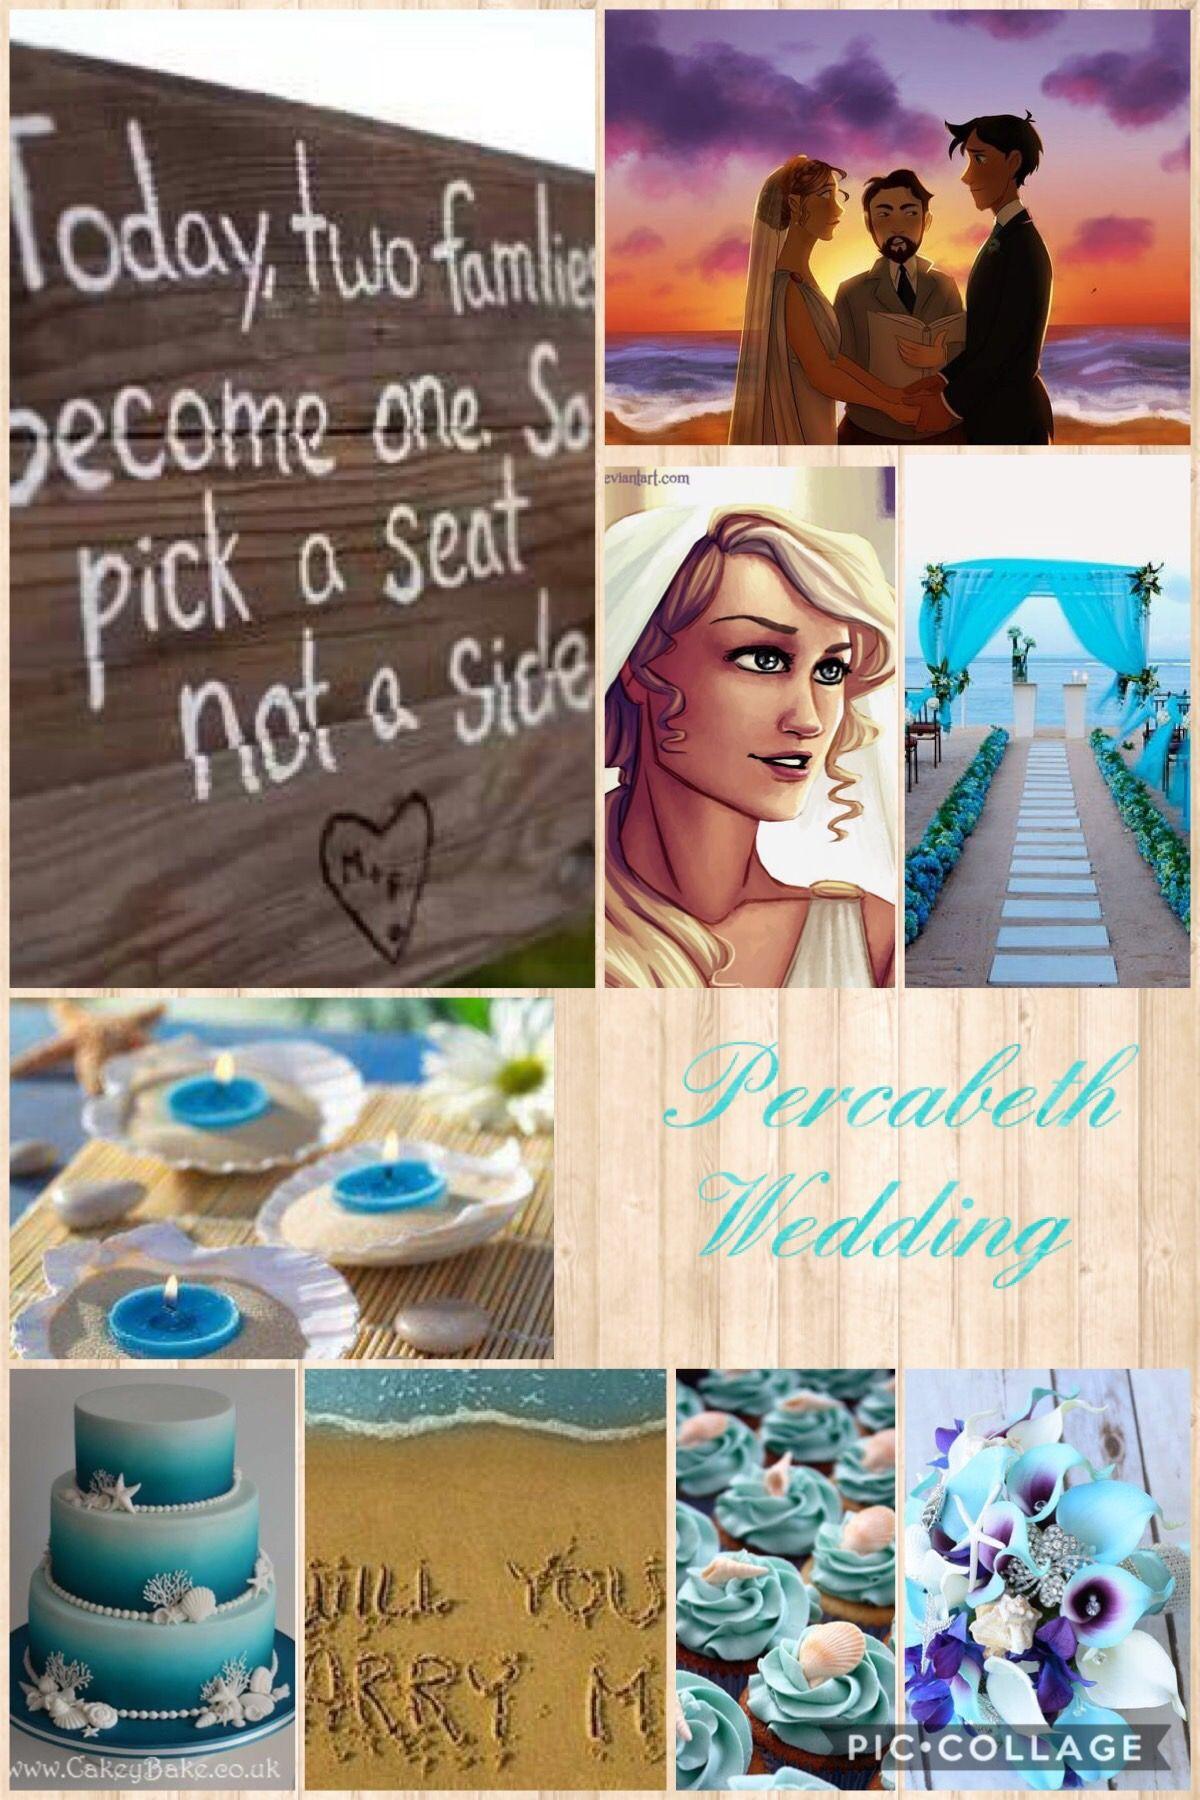 Pin by Naomi Fok on Percy Jackson | Percy jackson ships, Percy